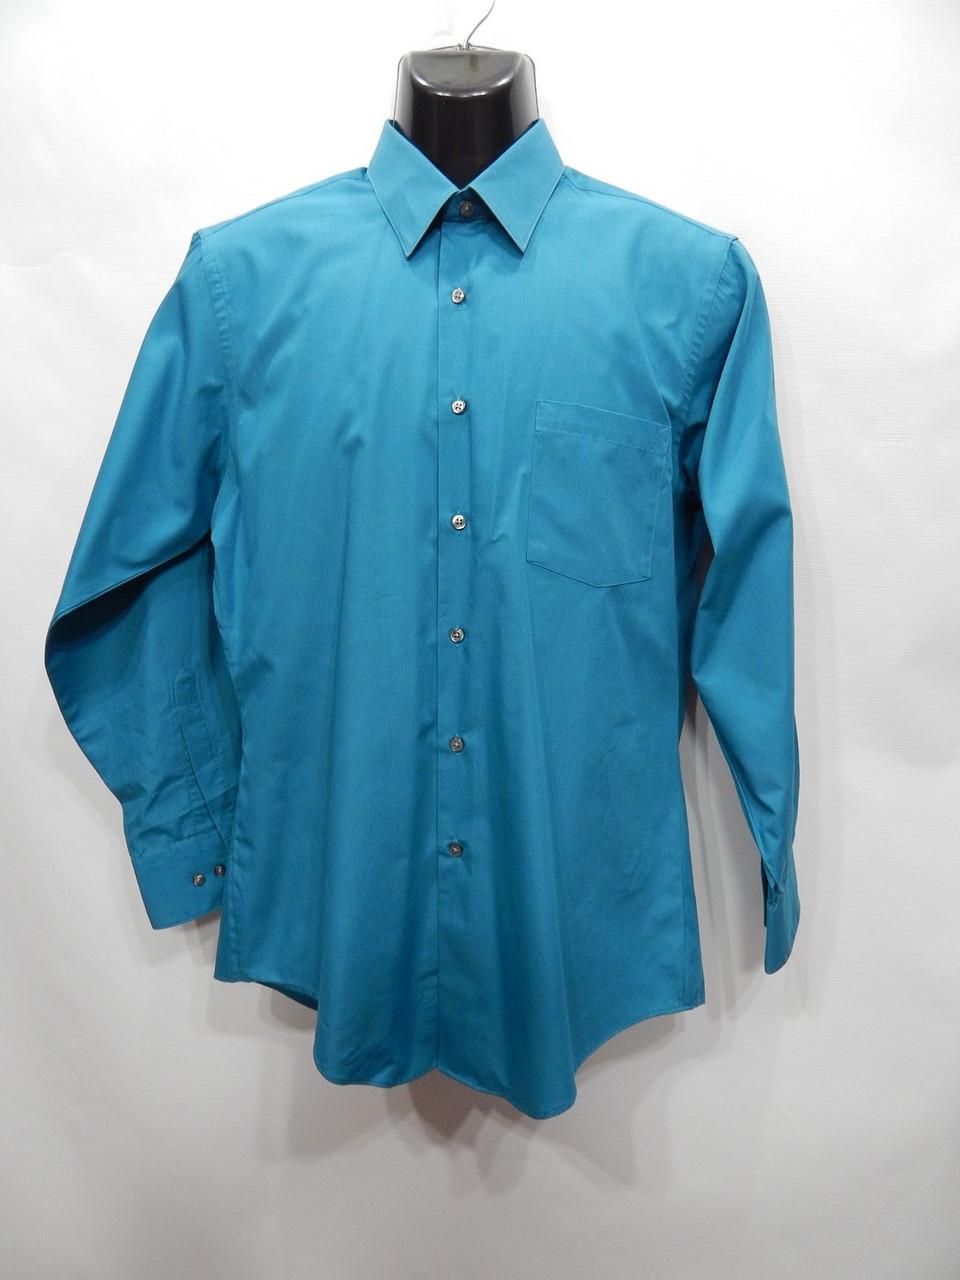 Мужская приталенная рубашка с длинным рукавом Van Heusen р.48-50 115ДРБУ